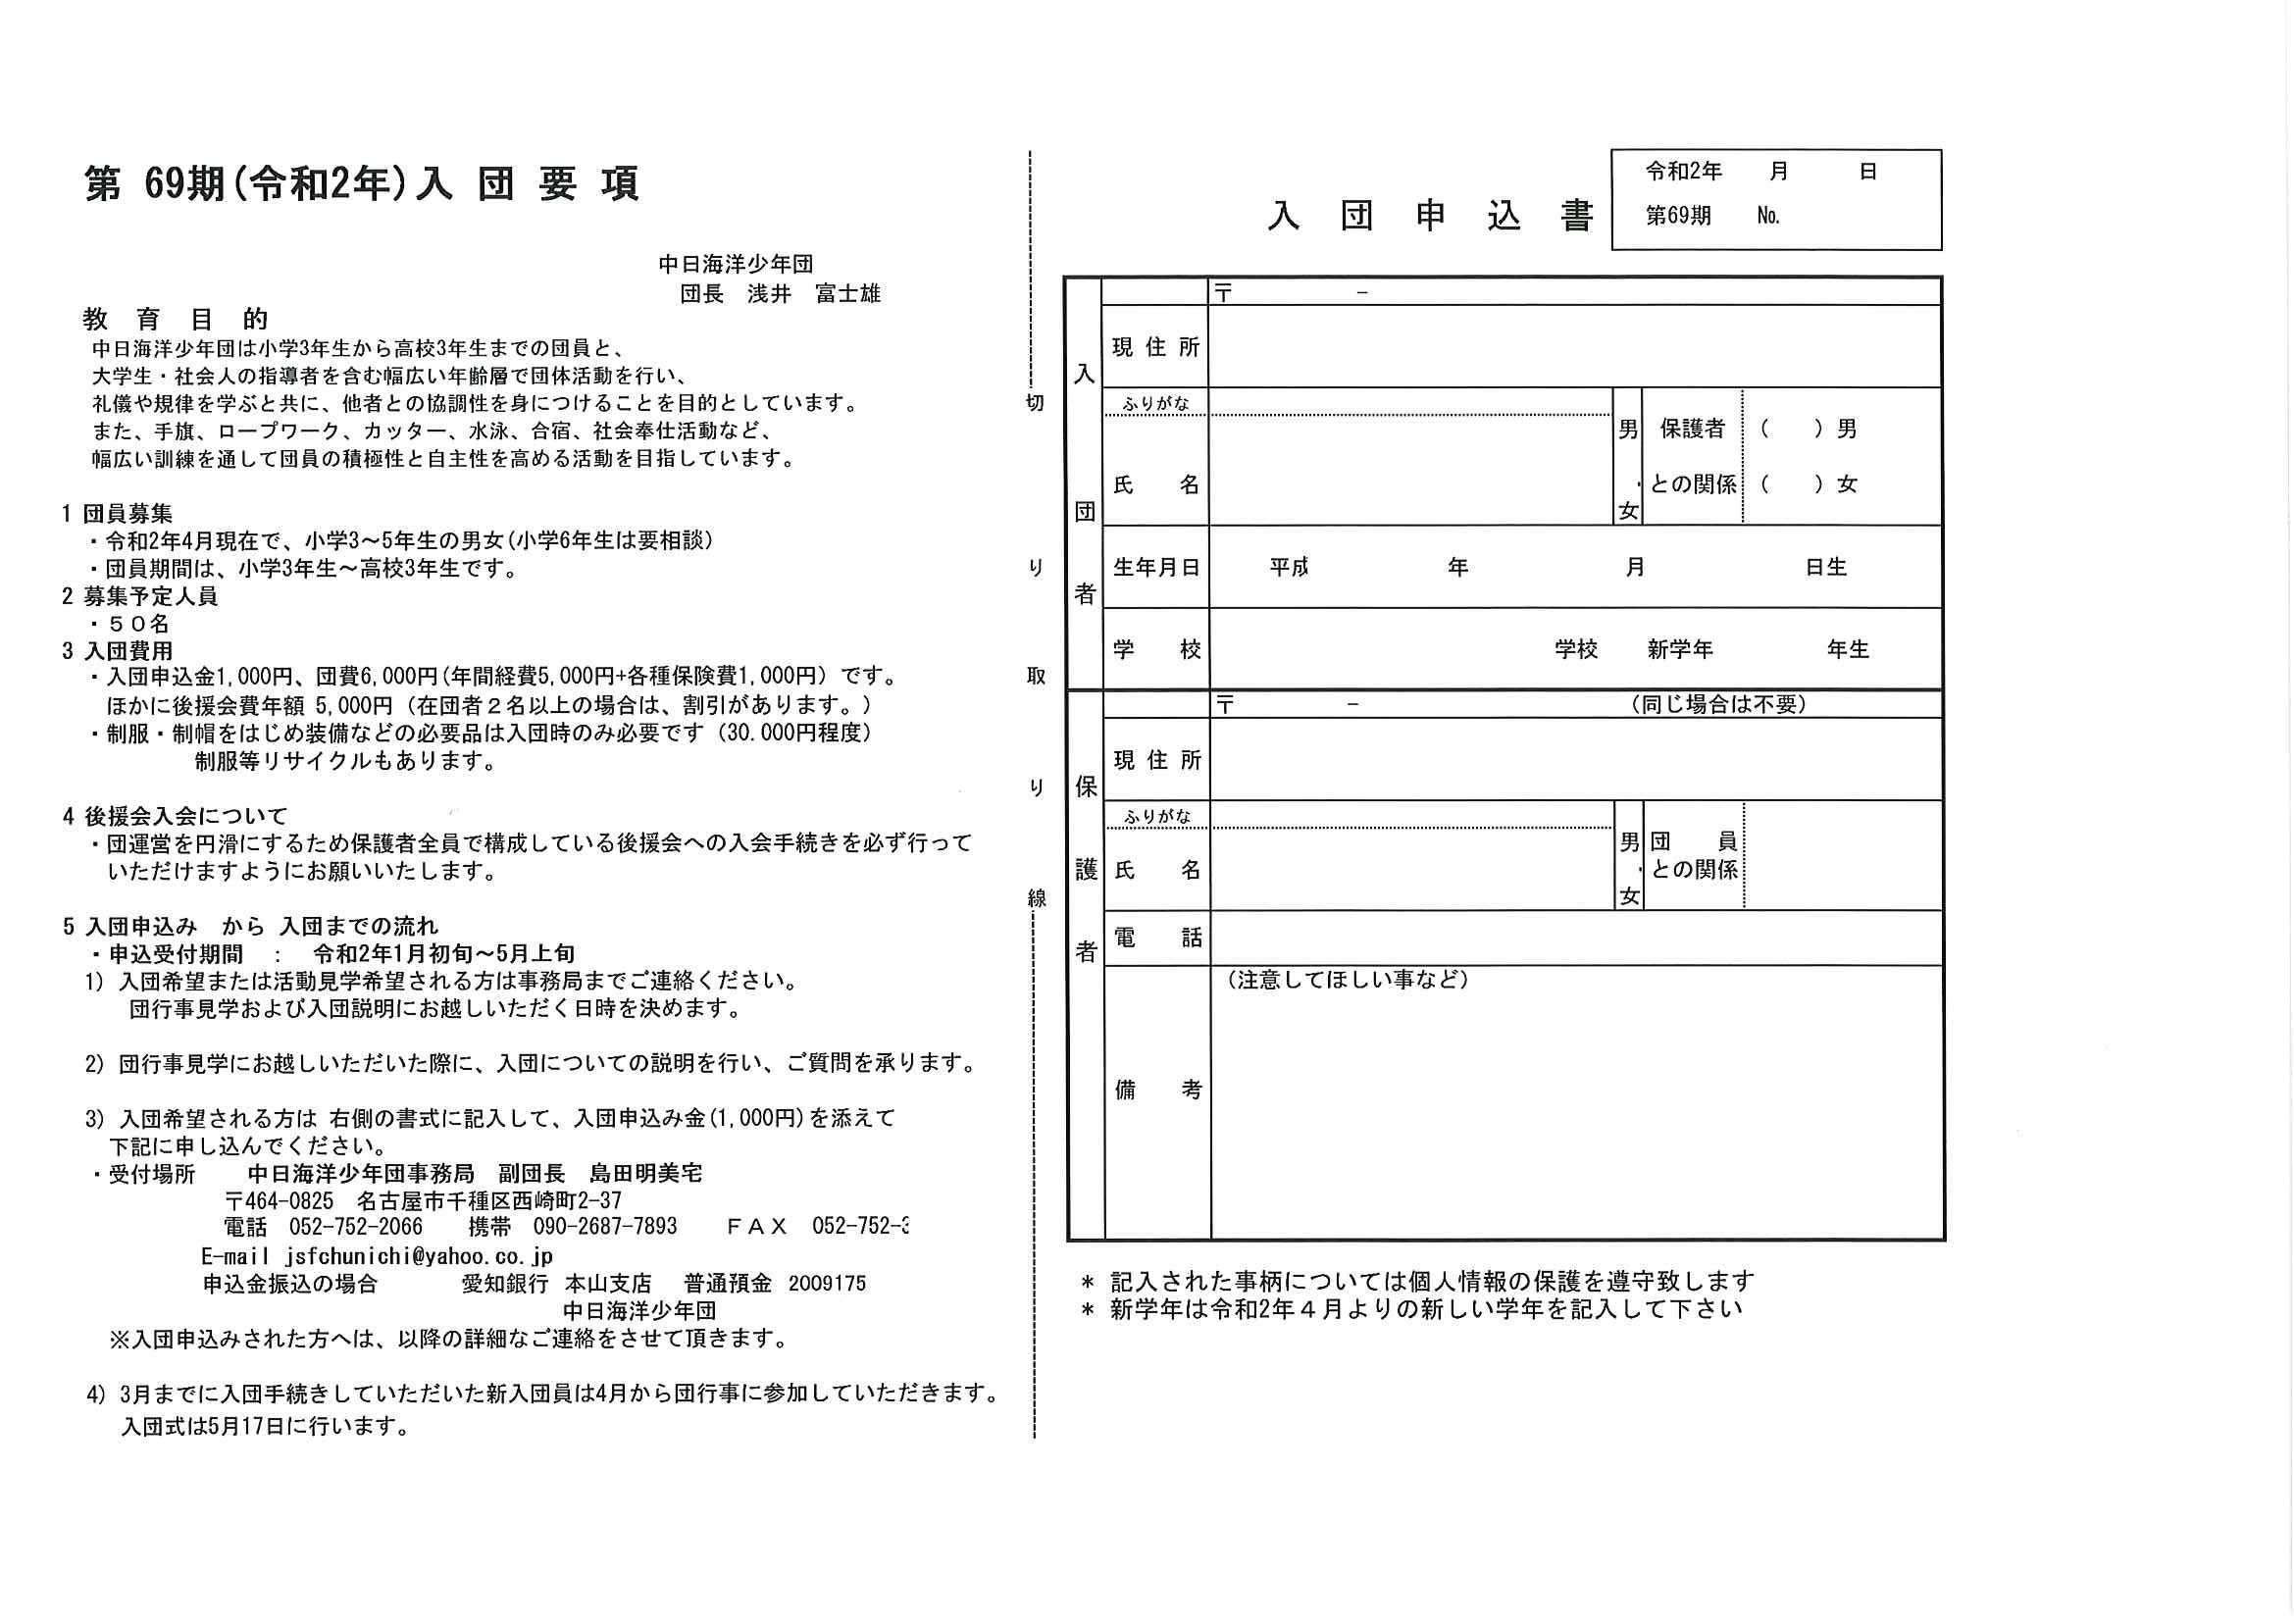 2020年新入団員募集中です、お問い合わせは jsfchunichi@yahoo.co.jp まで_f0110701_15163538.jpg